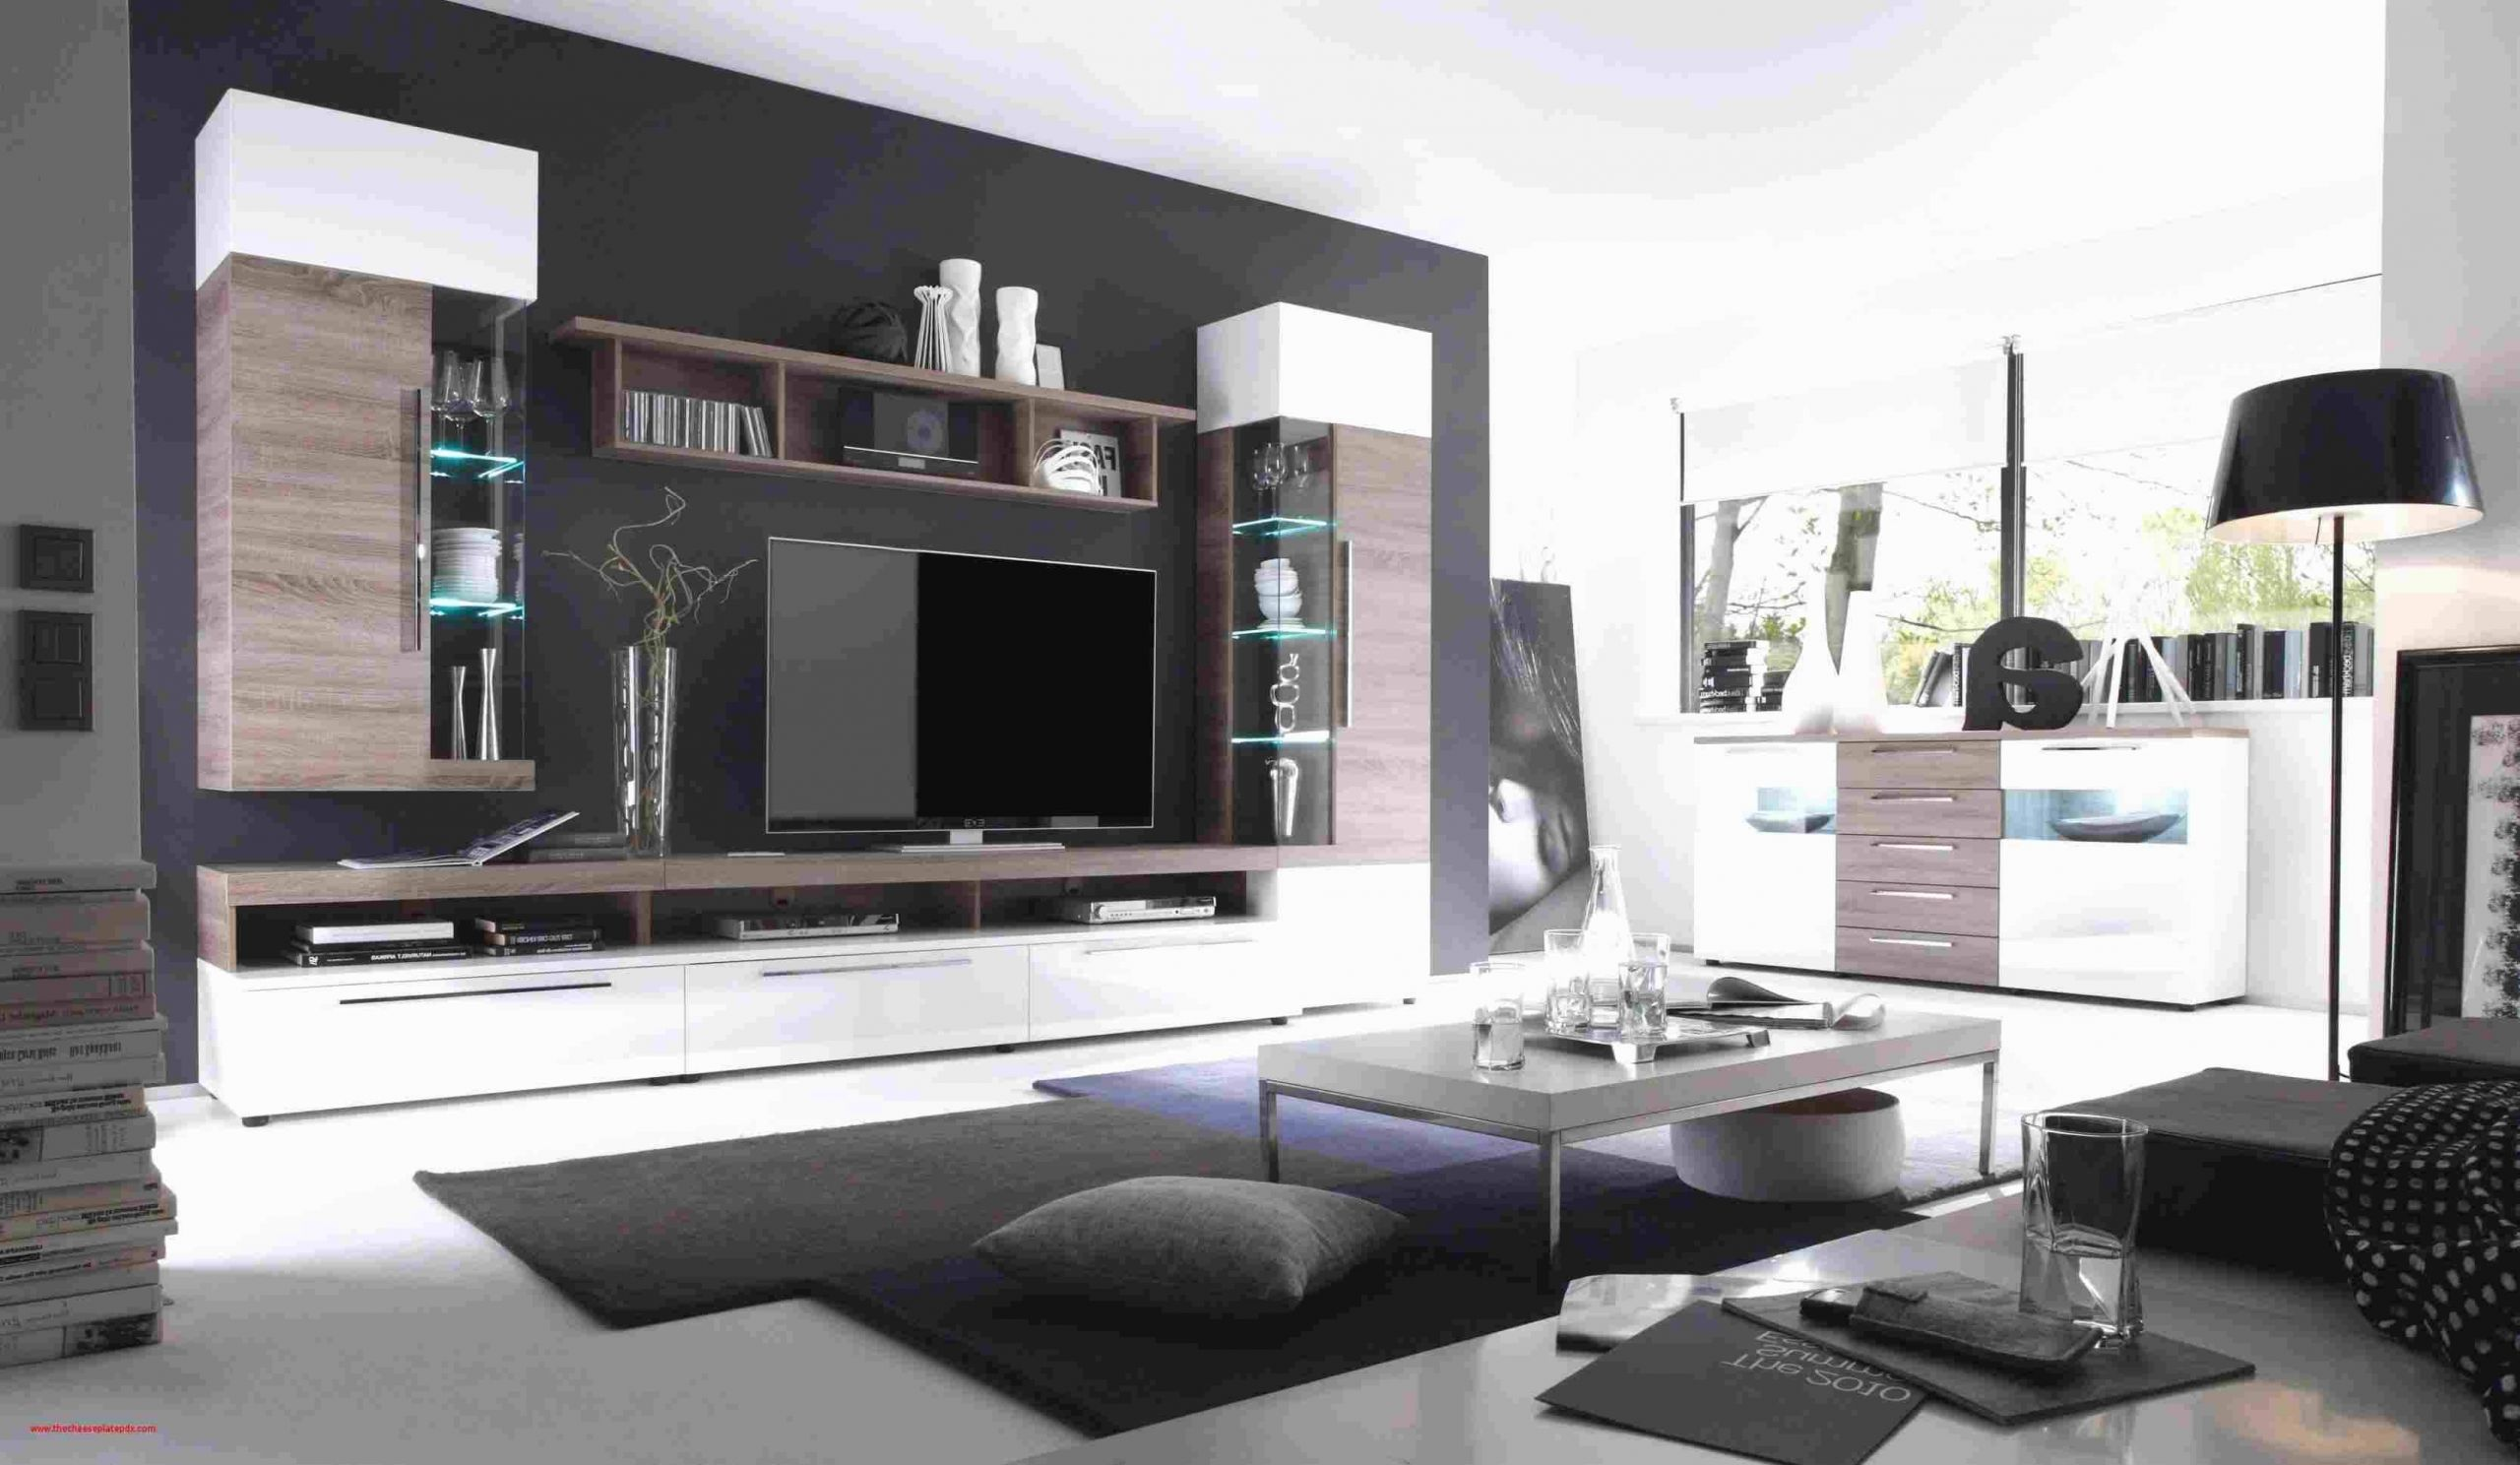 wohnzimmer deko selber machen luxus 50 einzigartig von wohnzimmer deko selber machen meinung of wohnzimmer deko selber machen scaled